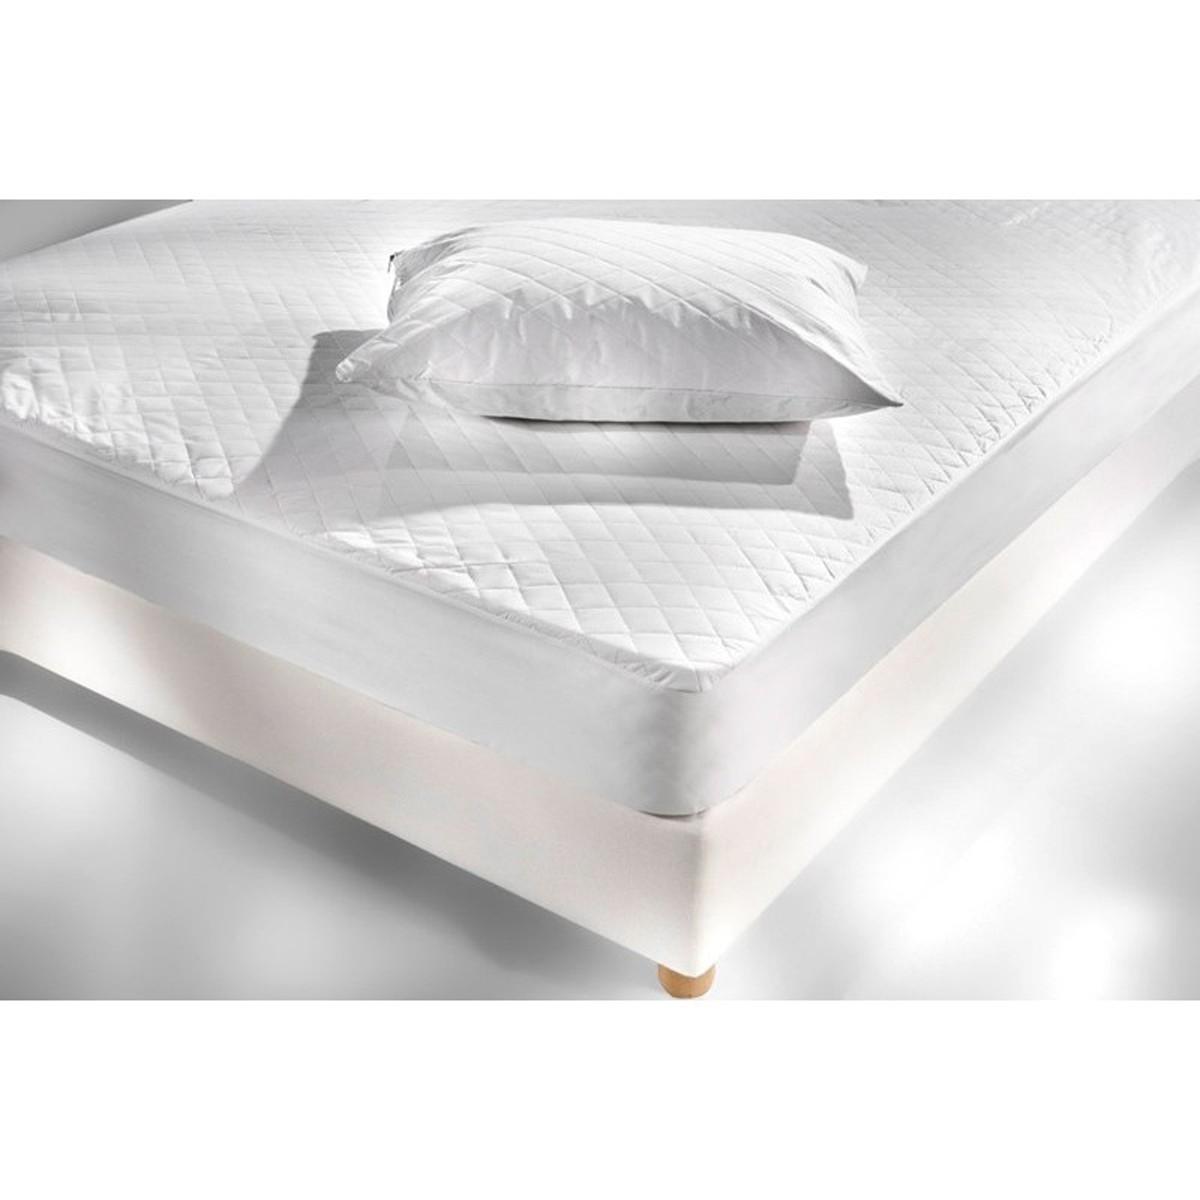 Ζεύγος Καλύμματα Μαξιλαριών Καπιτονέ (50×70) Hotel 100%Βαμβάκι